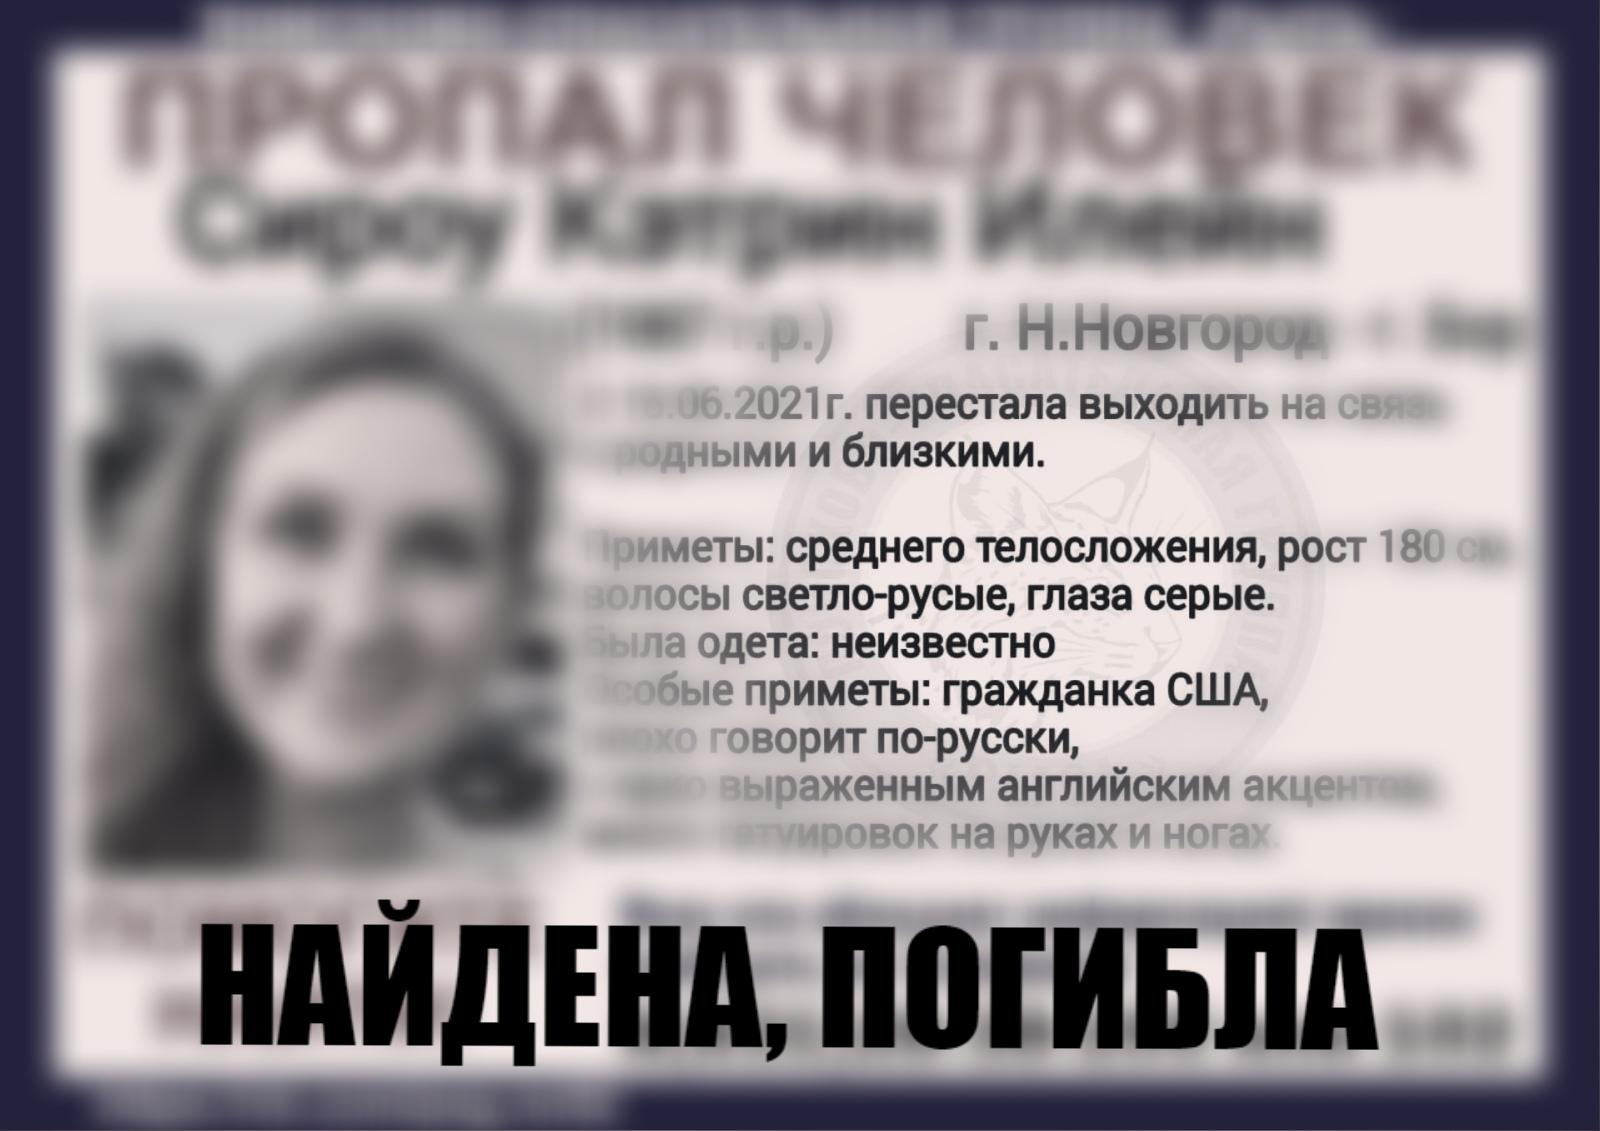 Сироу Кэтрин Илейн 1987 г.р., г. Нижний Новгород - г. Бор